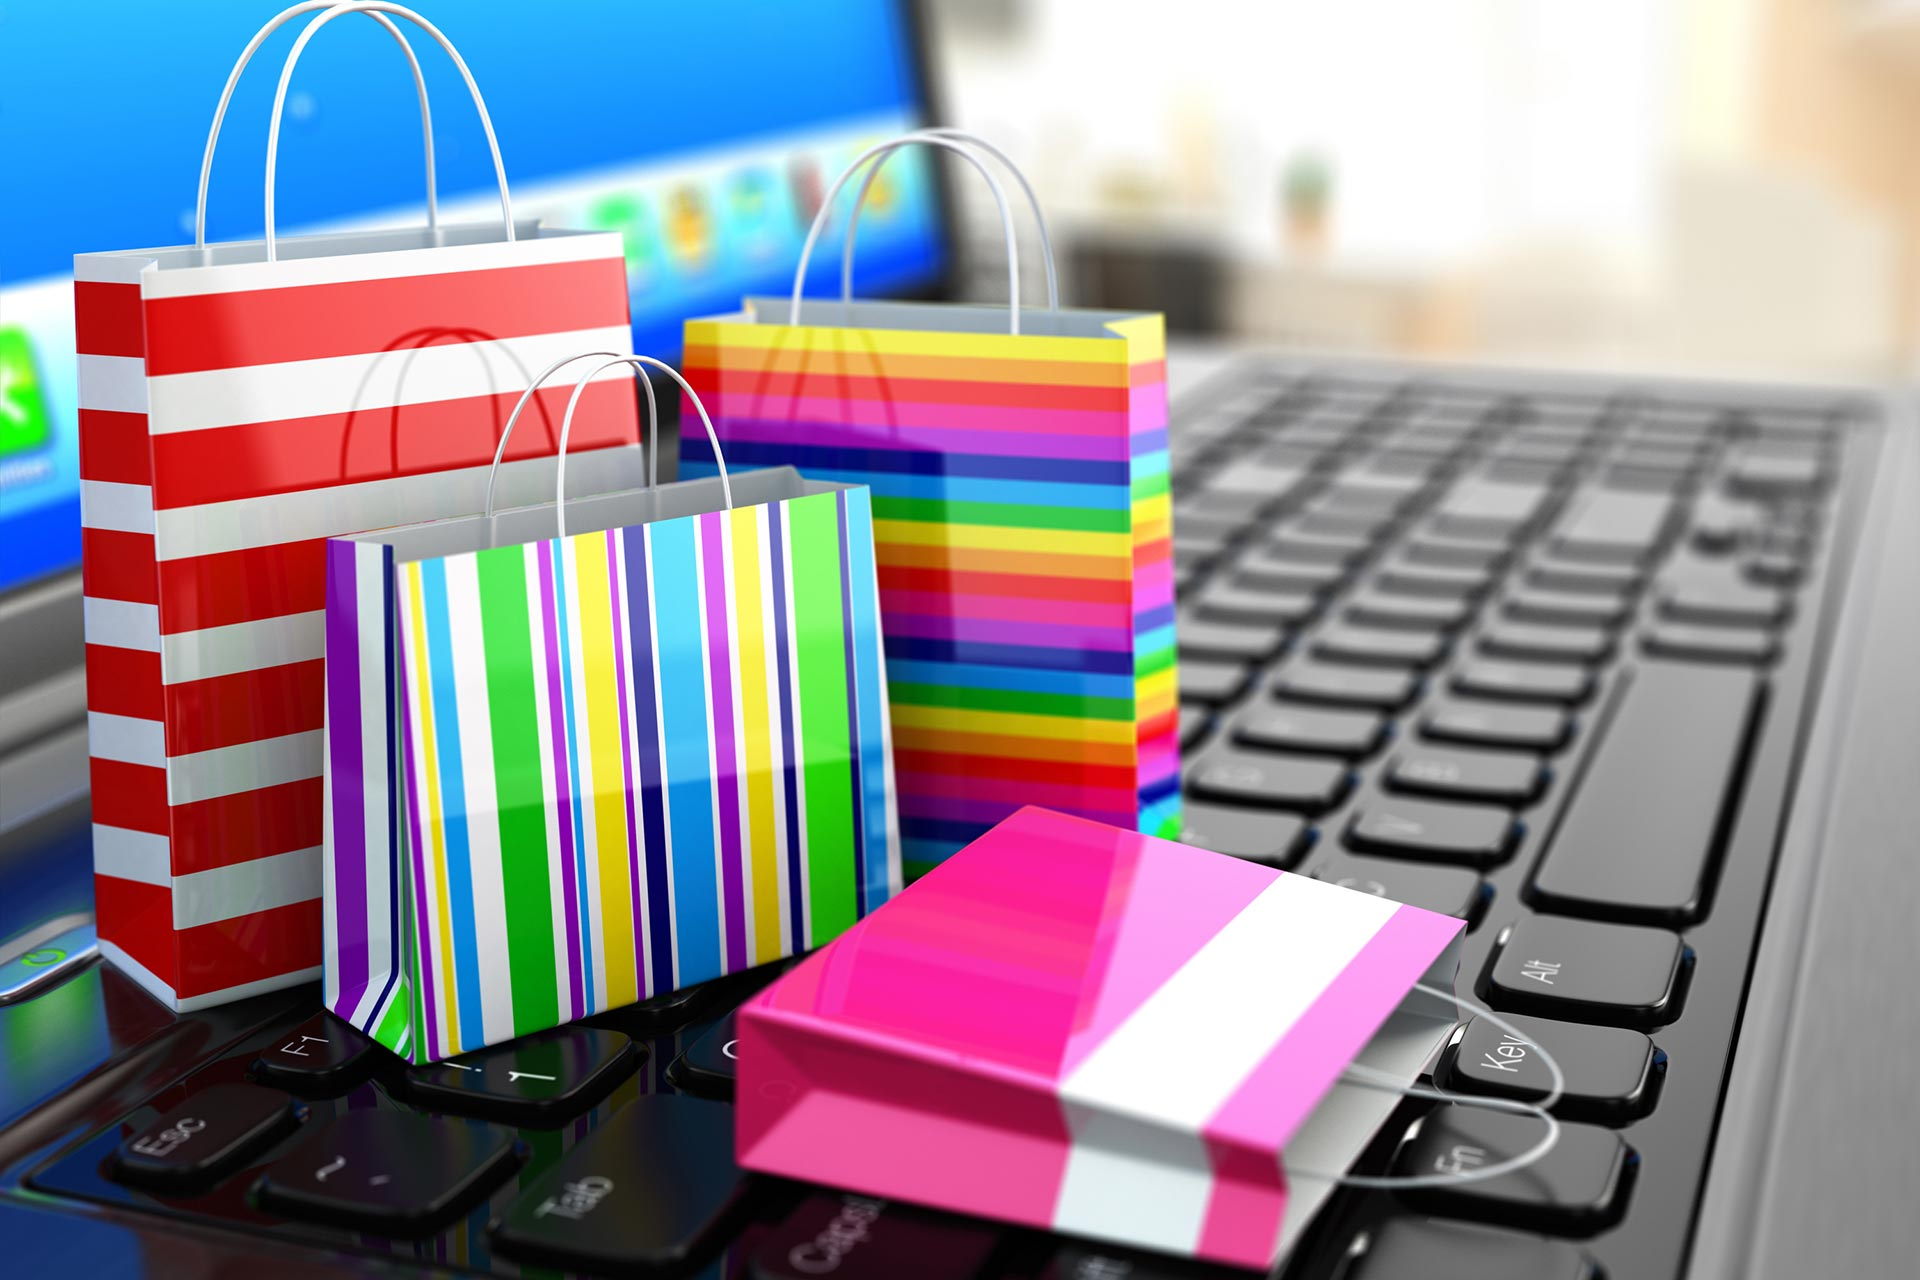 15.01.21г. в 20.00. Бесплатный вебинар: Как создать интернет-магазин и заработать на продаже товаров